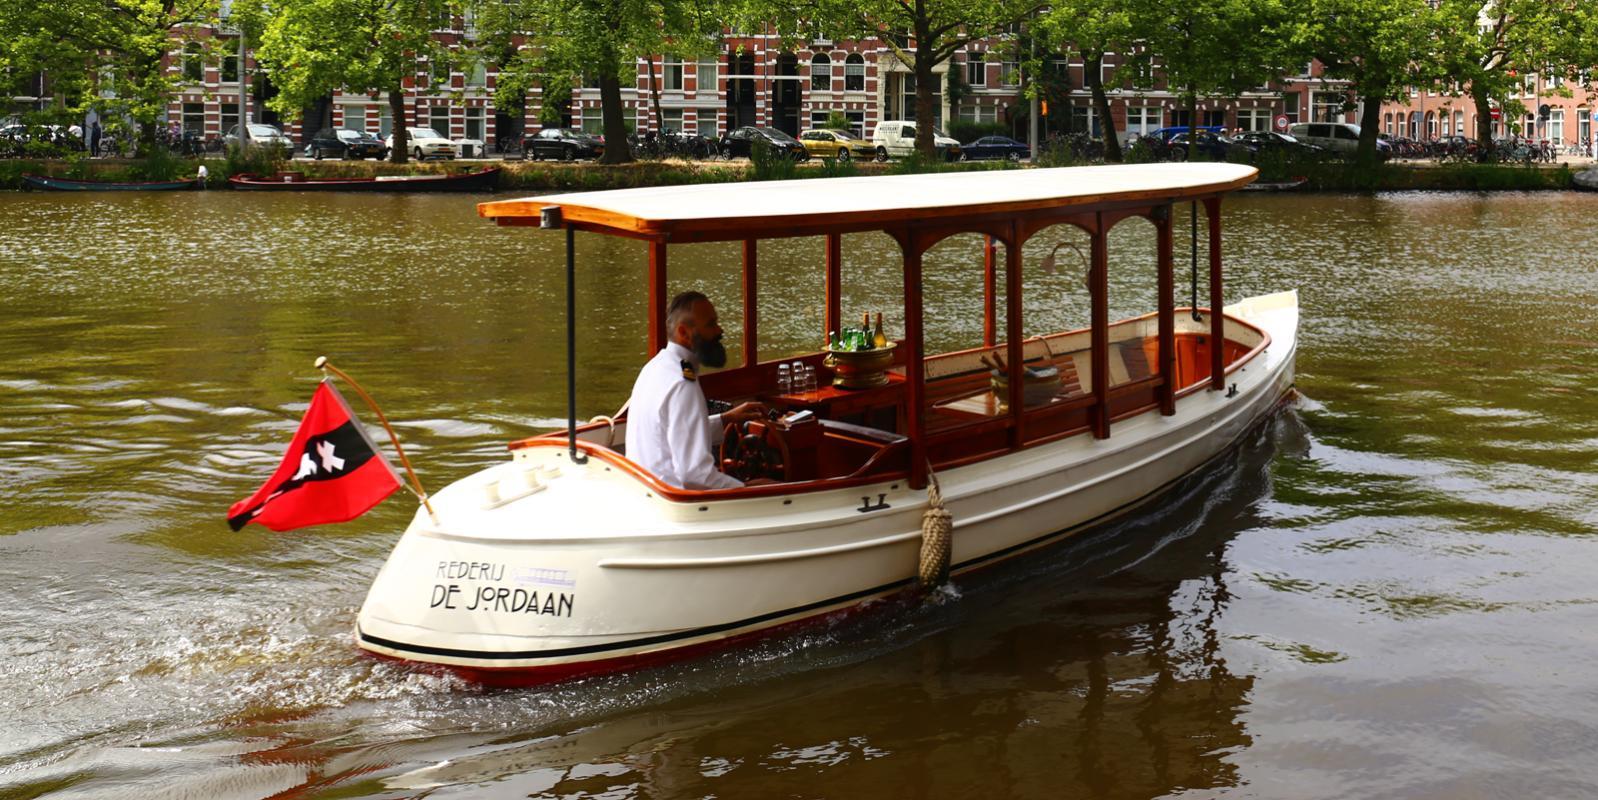 Farahilde Private Boat Amsterdam